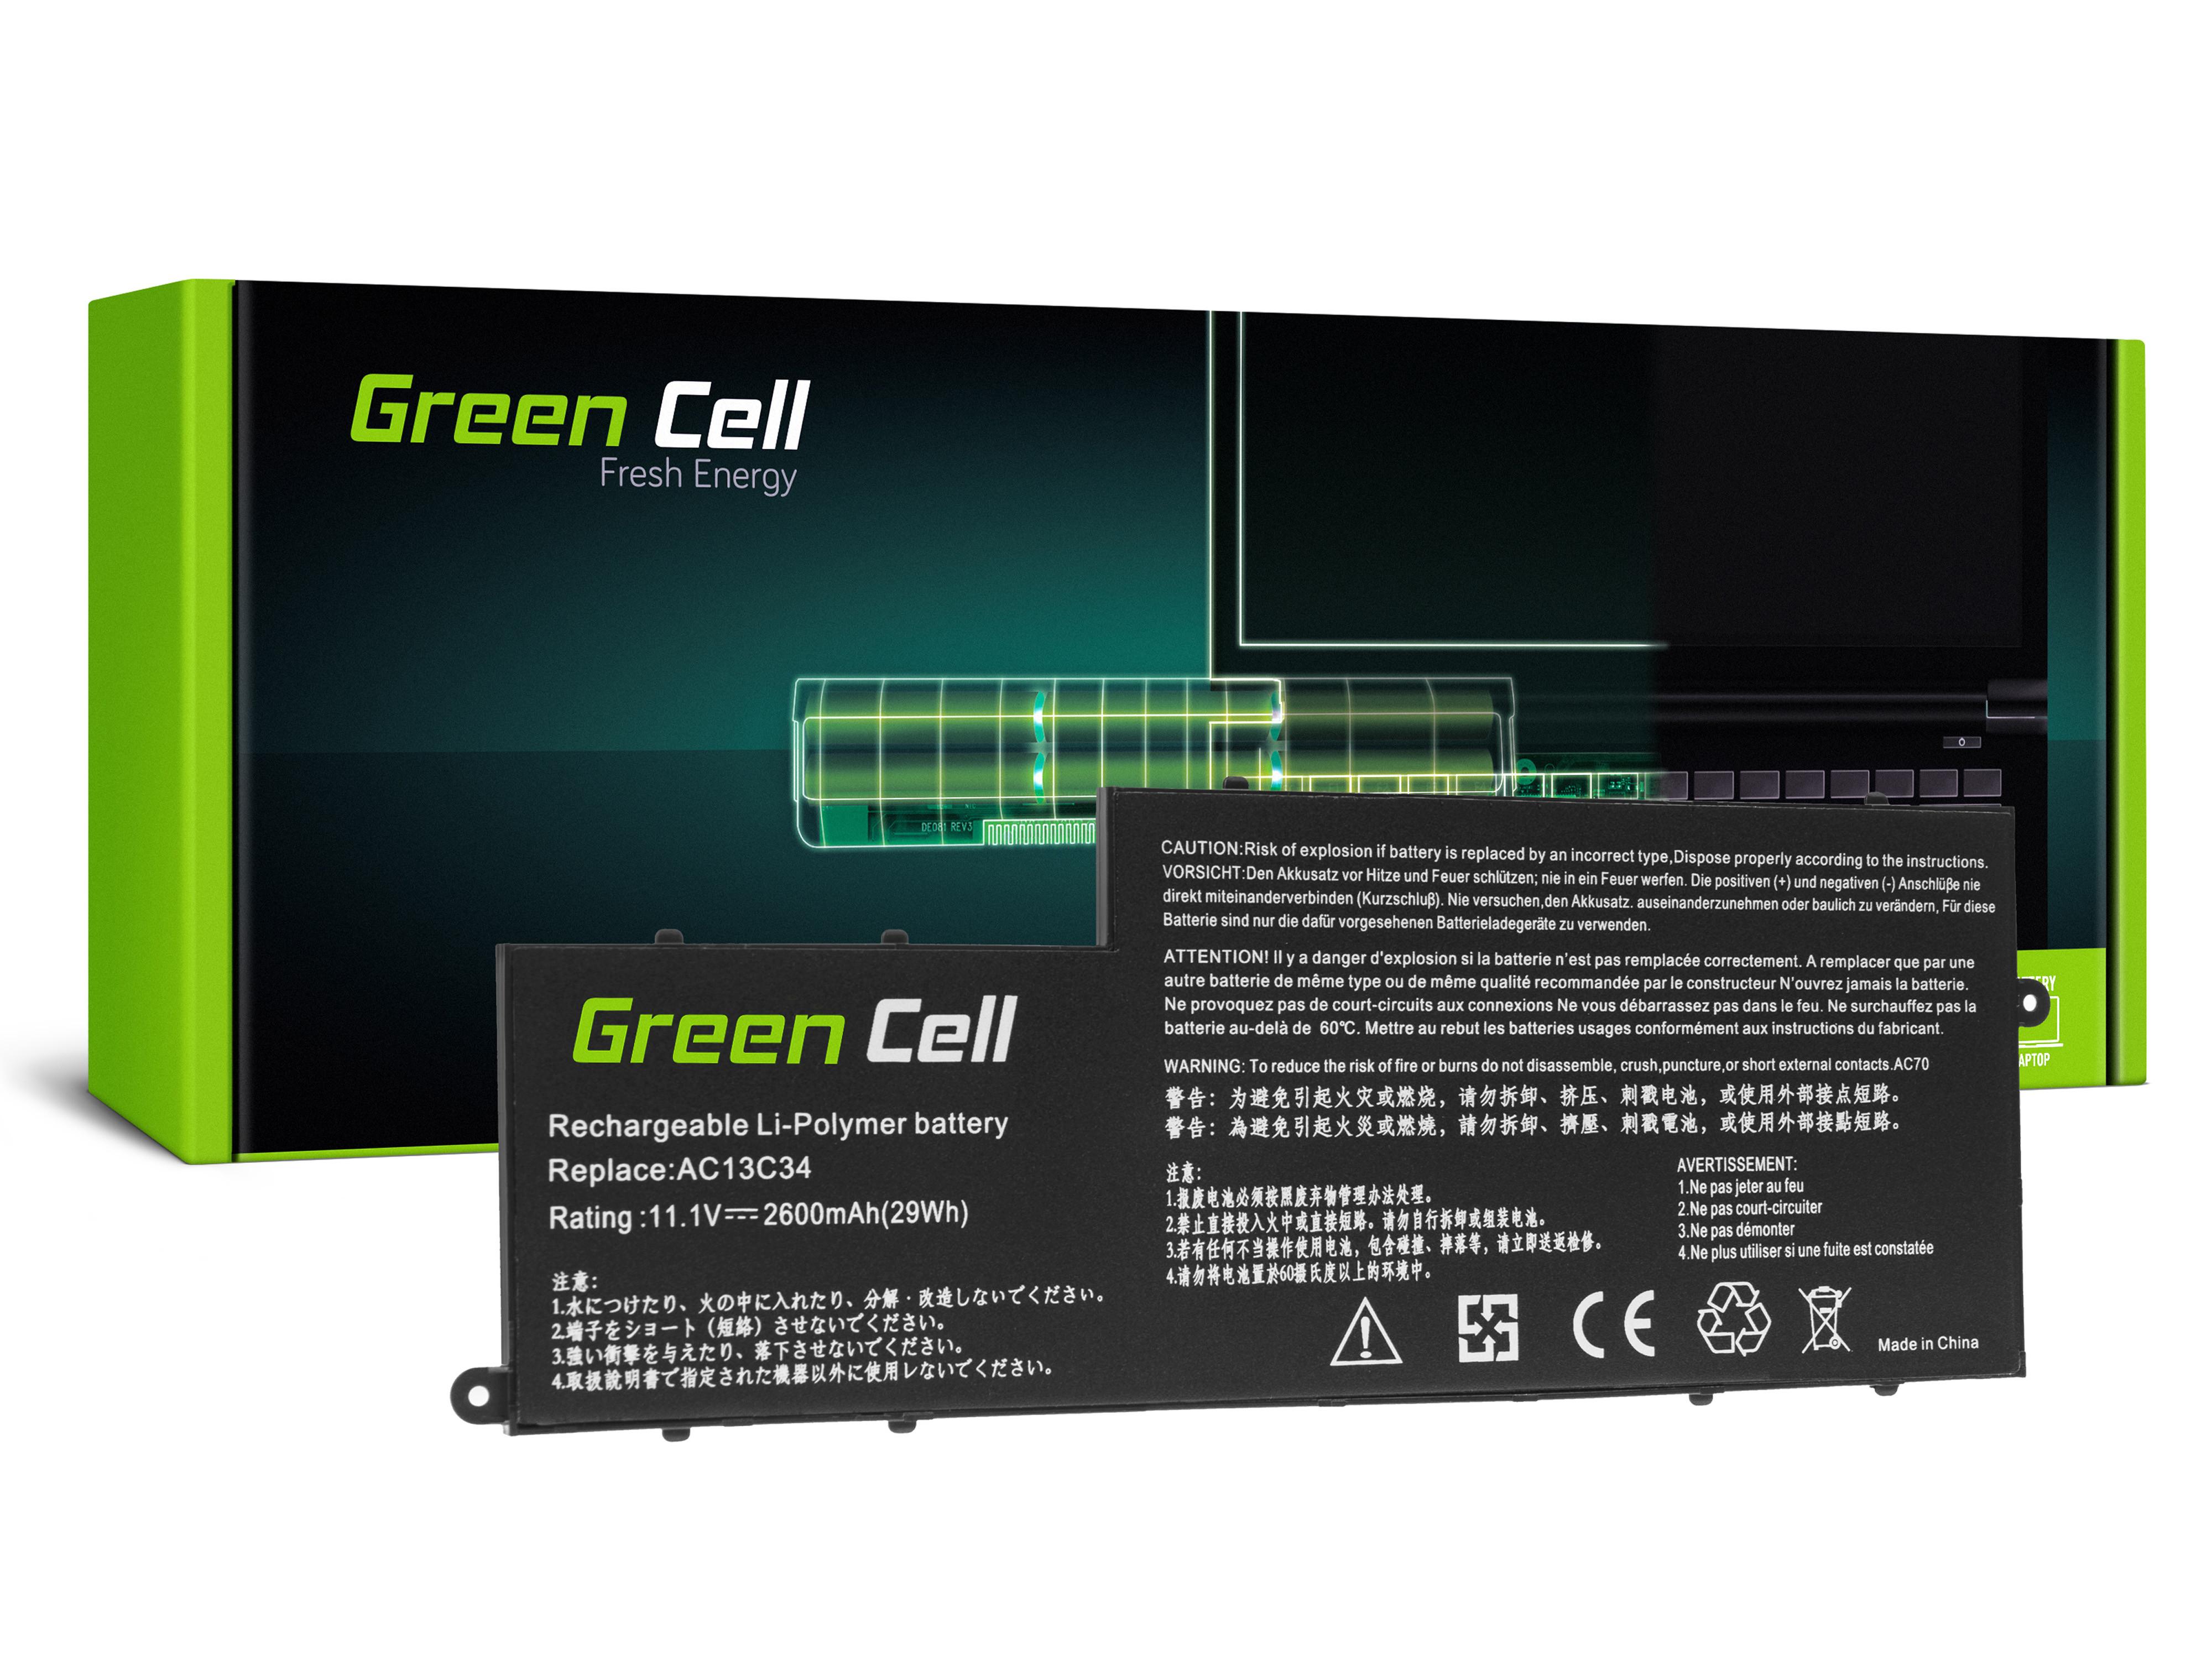 Green Cell AC69 Baterie AC13C34, Acer Aspire E3-111 E3-112 E3-112M ES1-111 ES1-111M V5-122P V5-132P 2600mAh Li-Pol – neoriginální